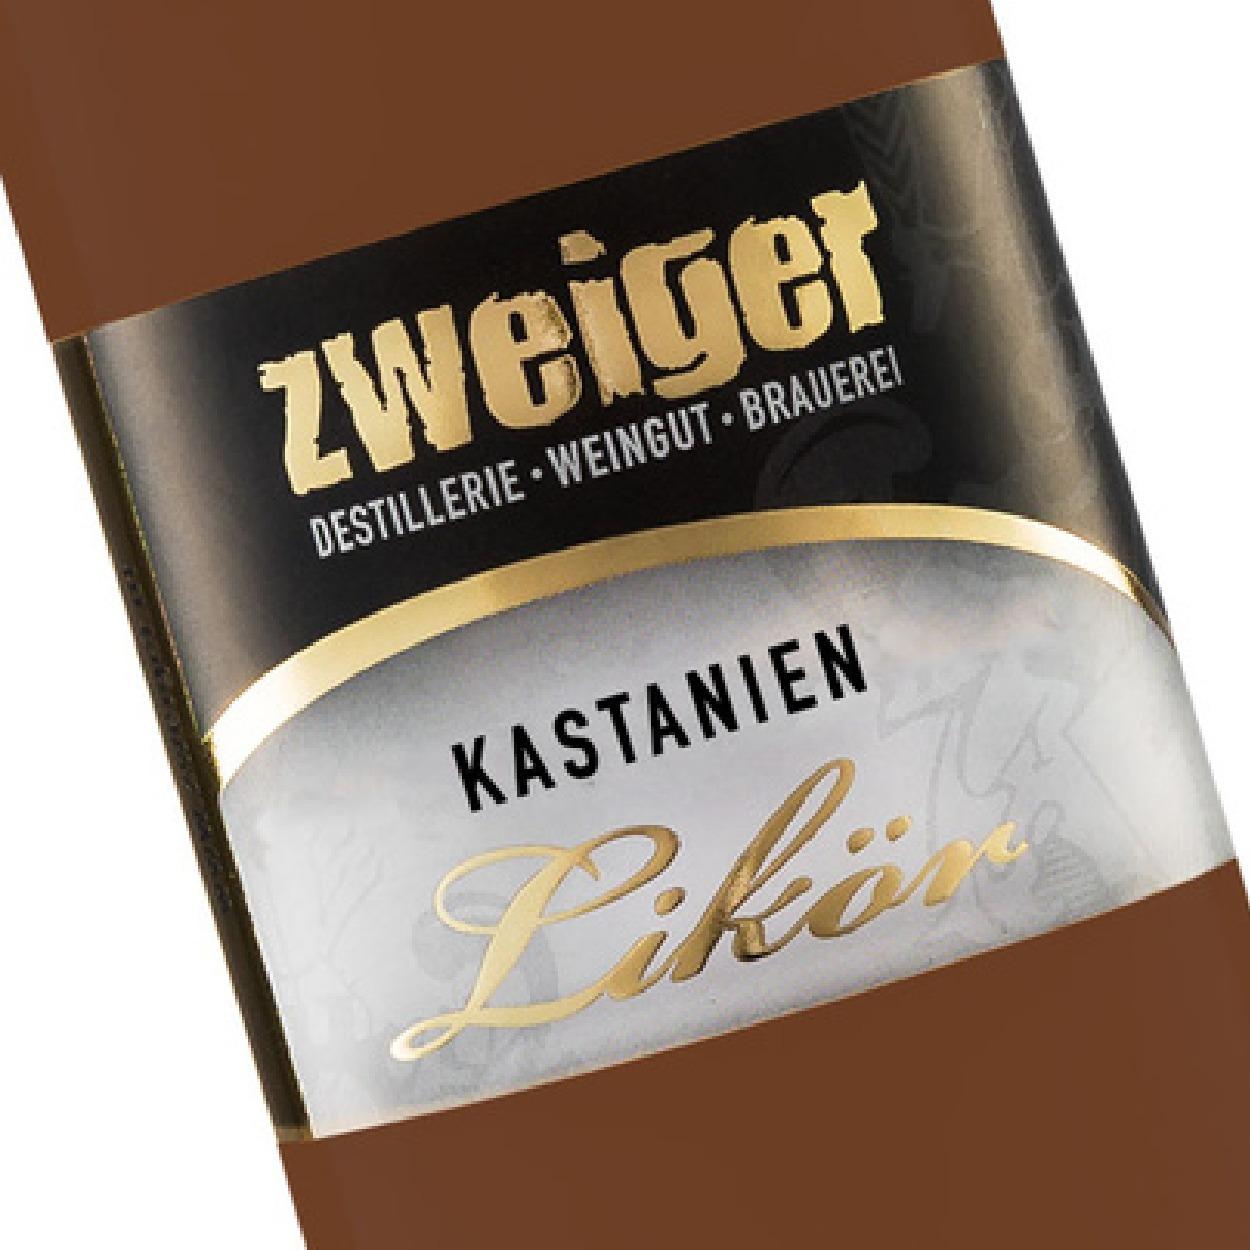 Kastanien Cremelikör Zweiger Destillerie